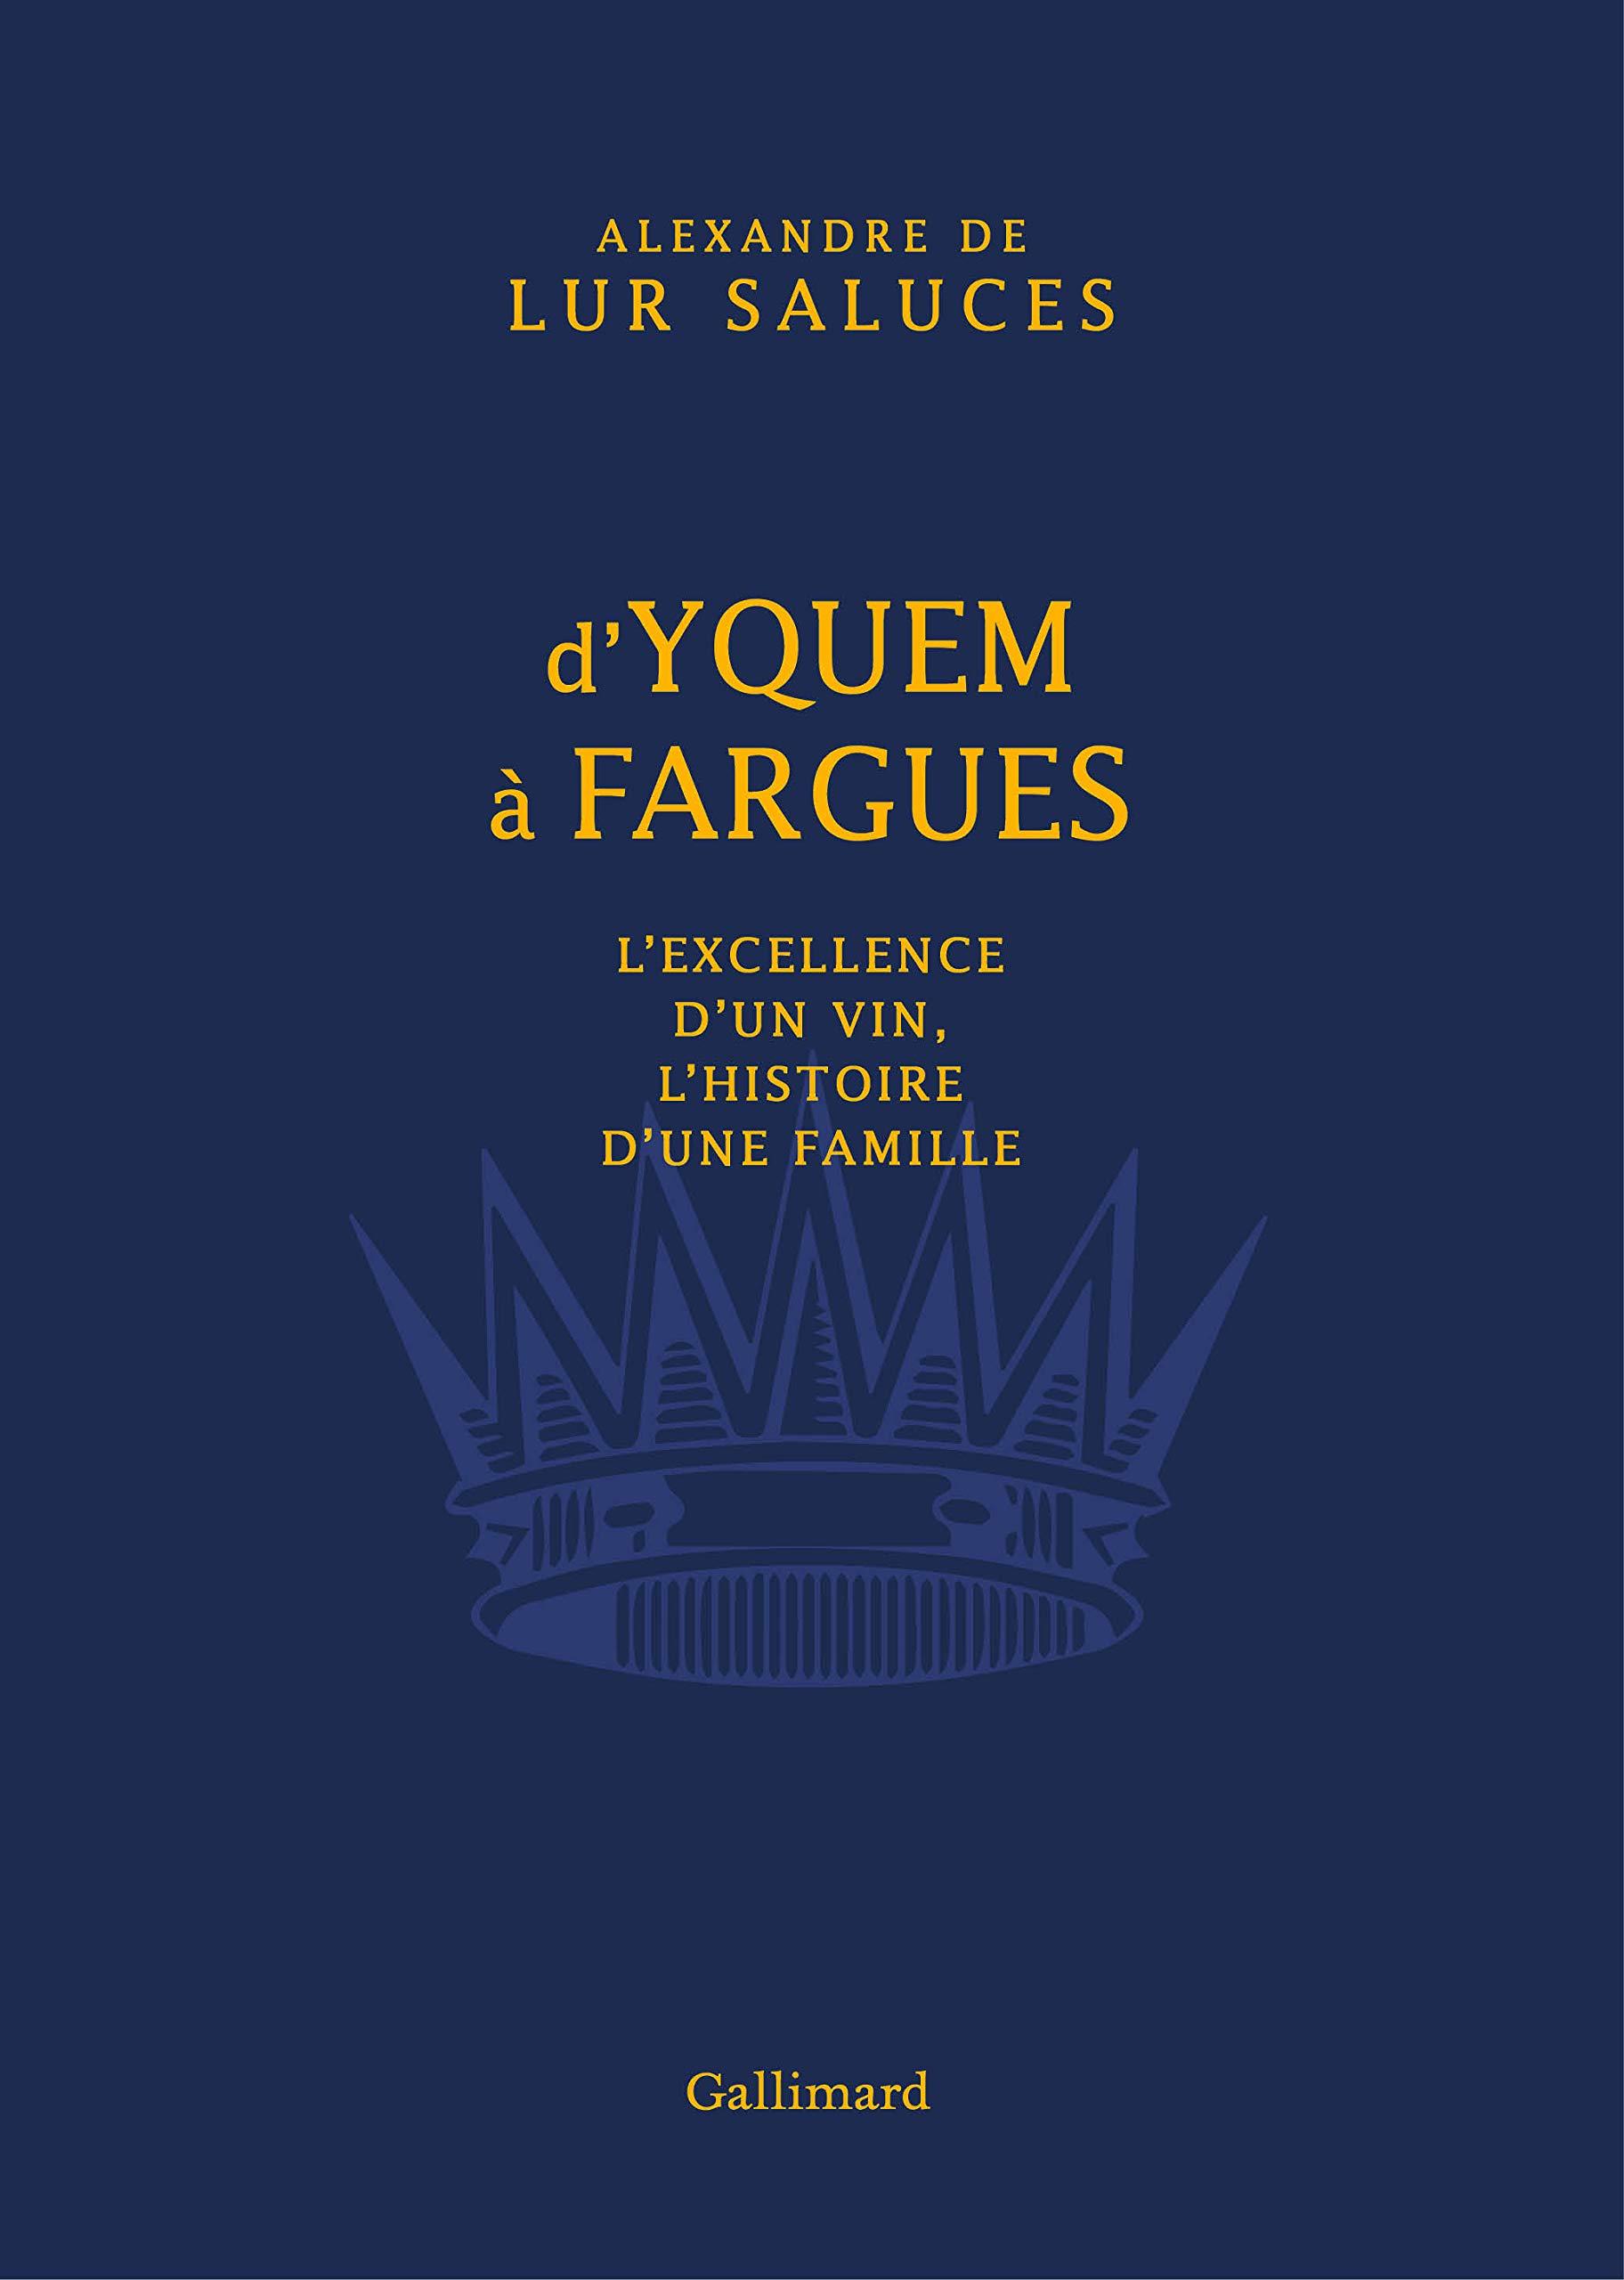 Amazon.fr - D'Yquem à Fargues: L'excellence d'un vin, l'histoire d'une  famille - Lur Saluces, Alexandre de, Polony, Natacha - Livres